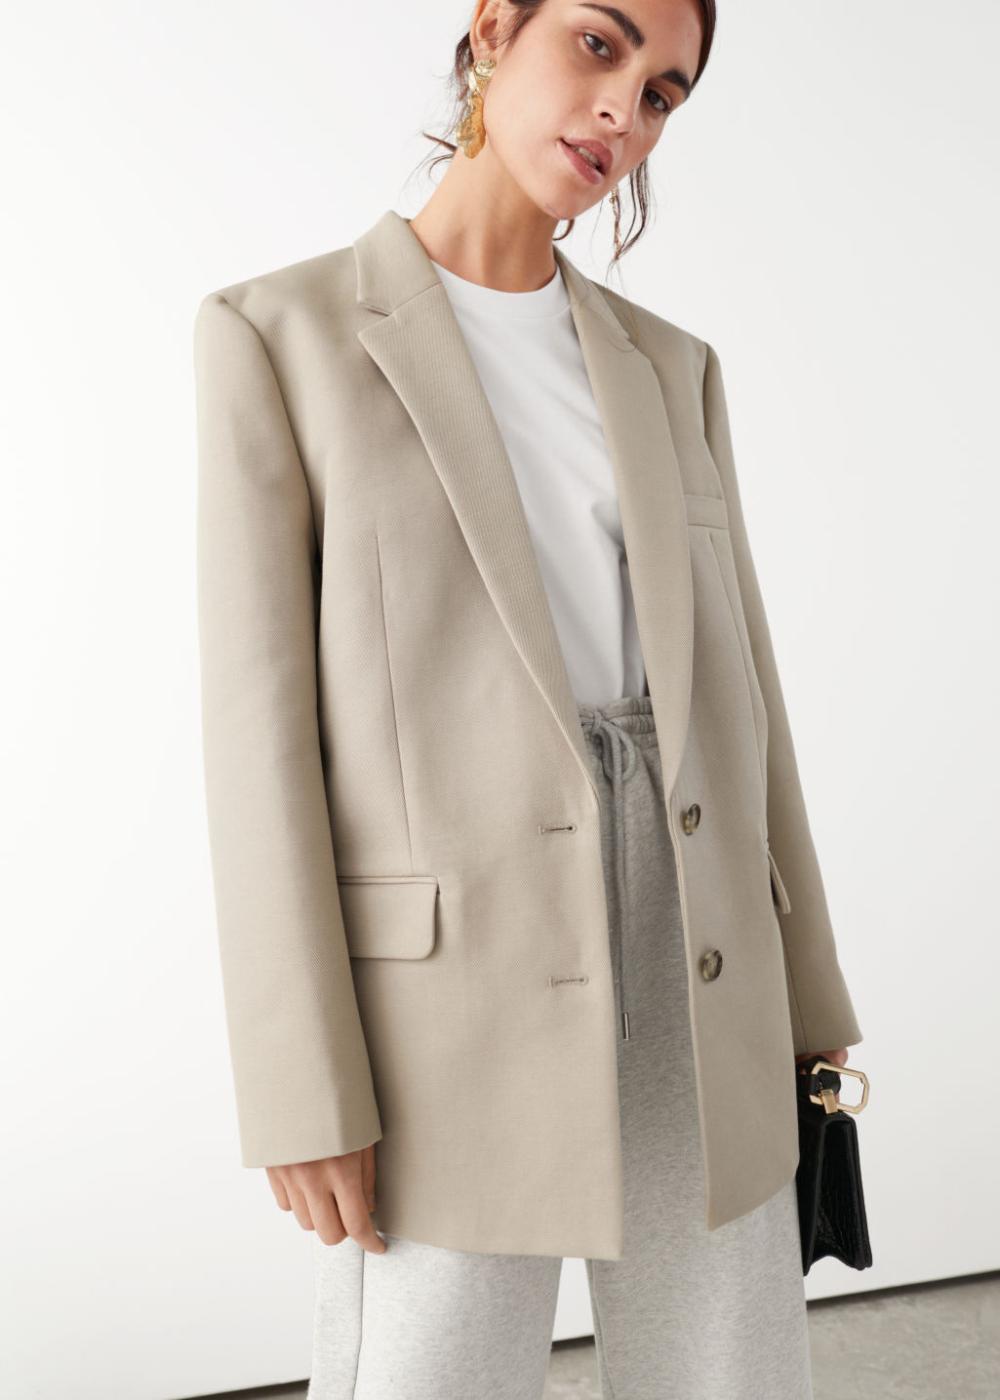 пиджак женский базовый